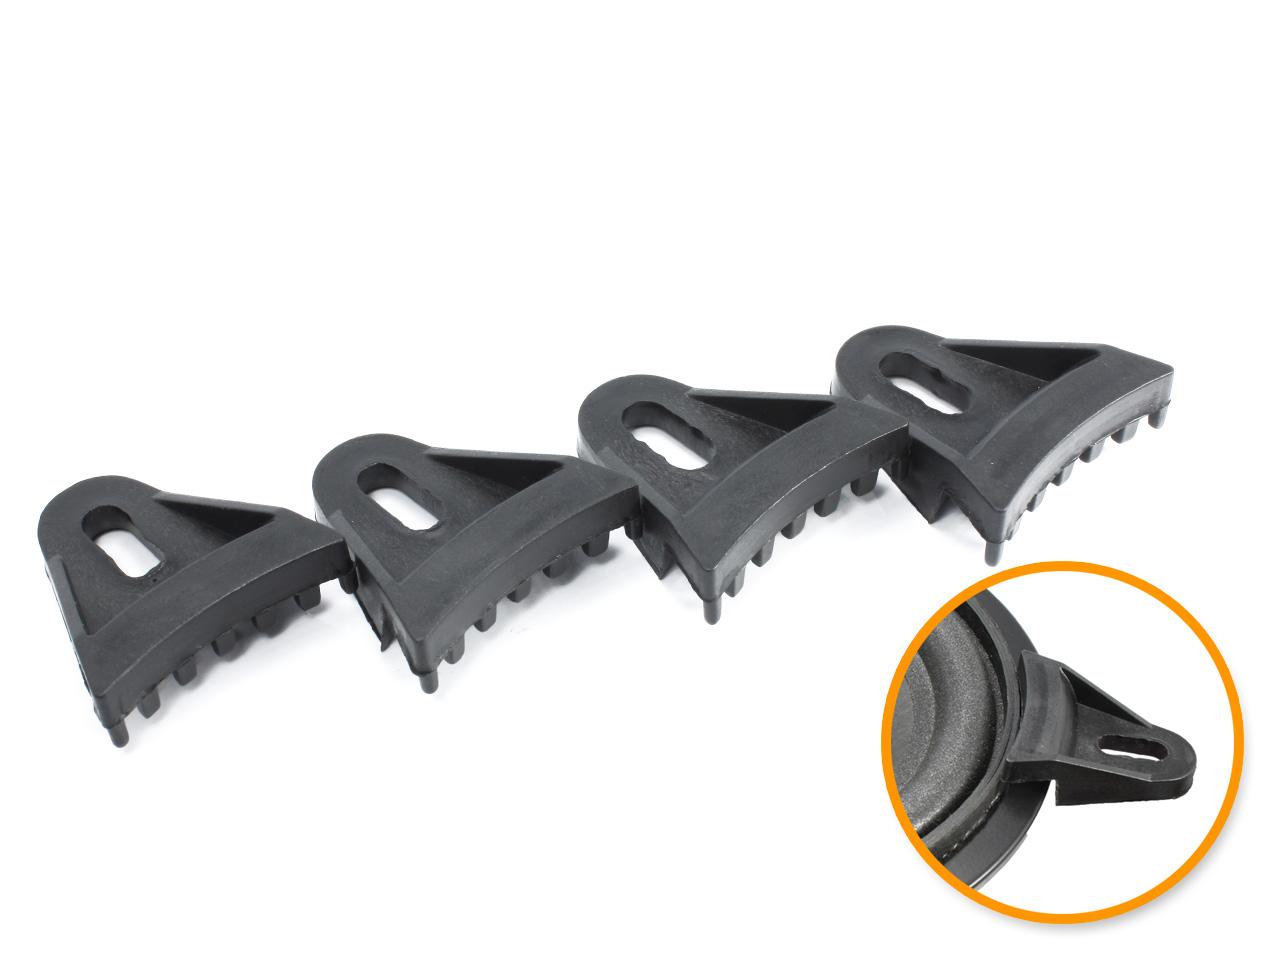 ネジ穴のないスピーカーの固定 取り付けに 樹脂製 スピーカー固定用部材4個セット 国内即発送 マウントアダプター 国際ブランド スピーカークランプ ブラック